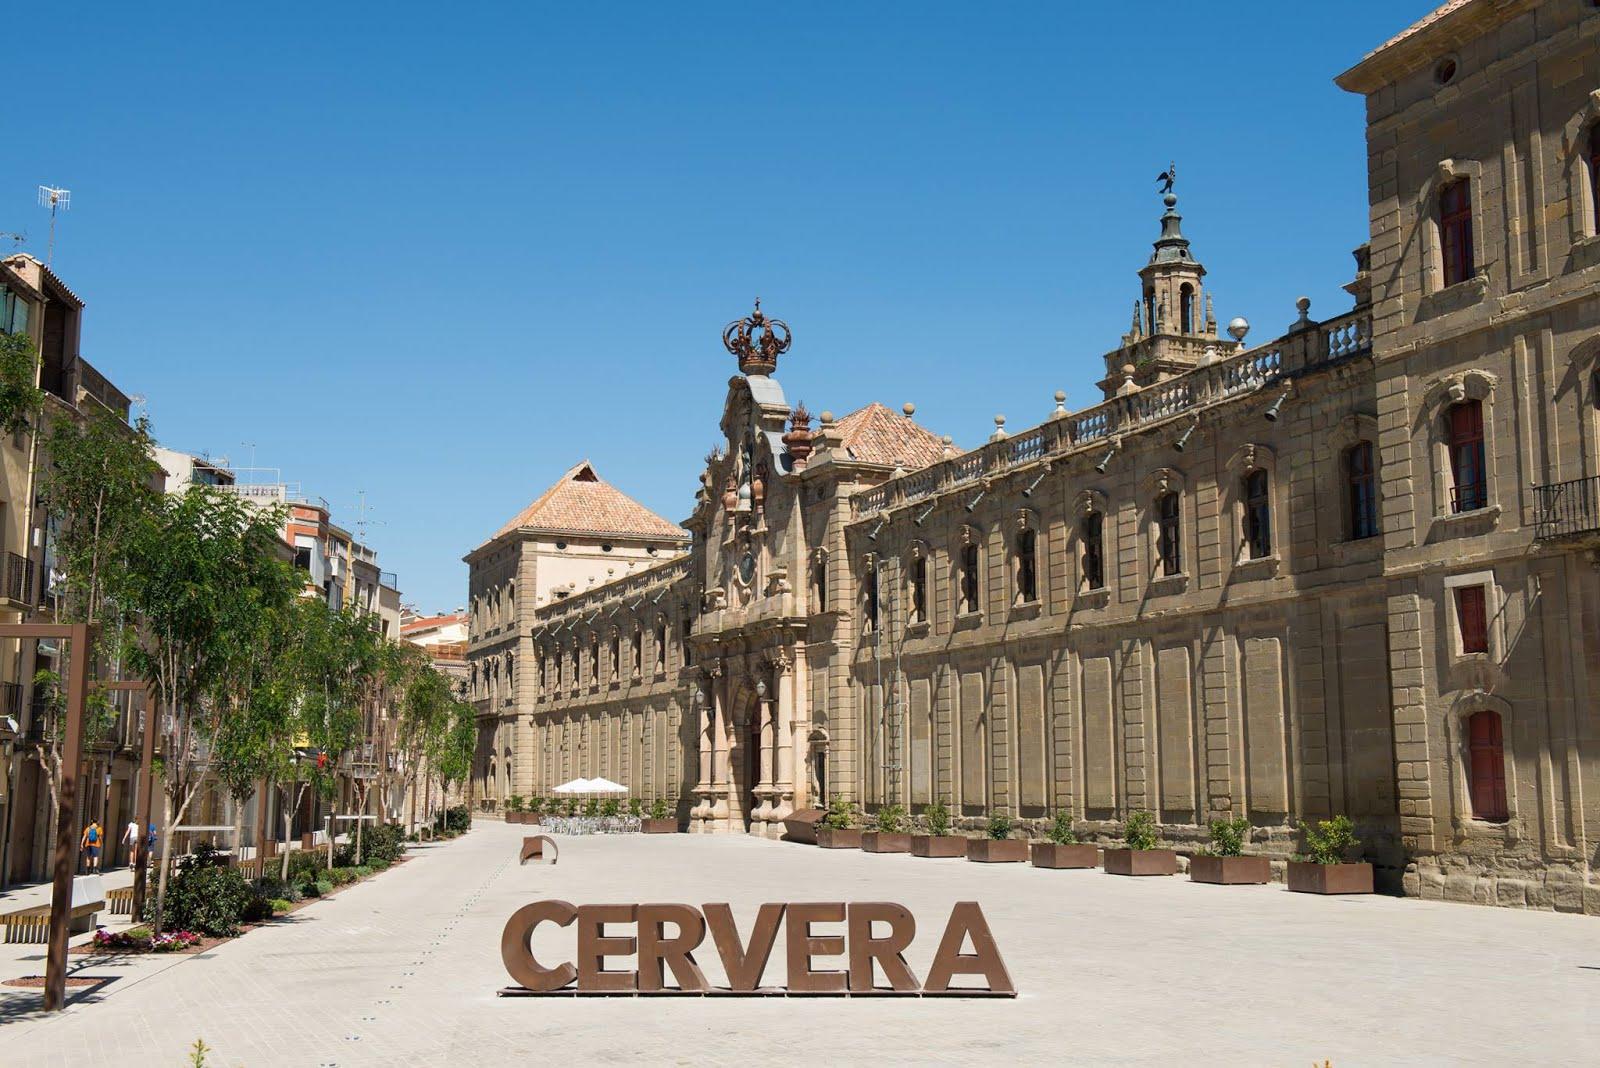 CERVERA 3